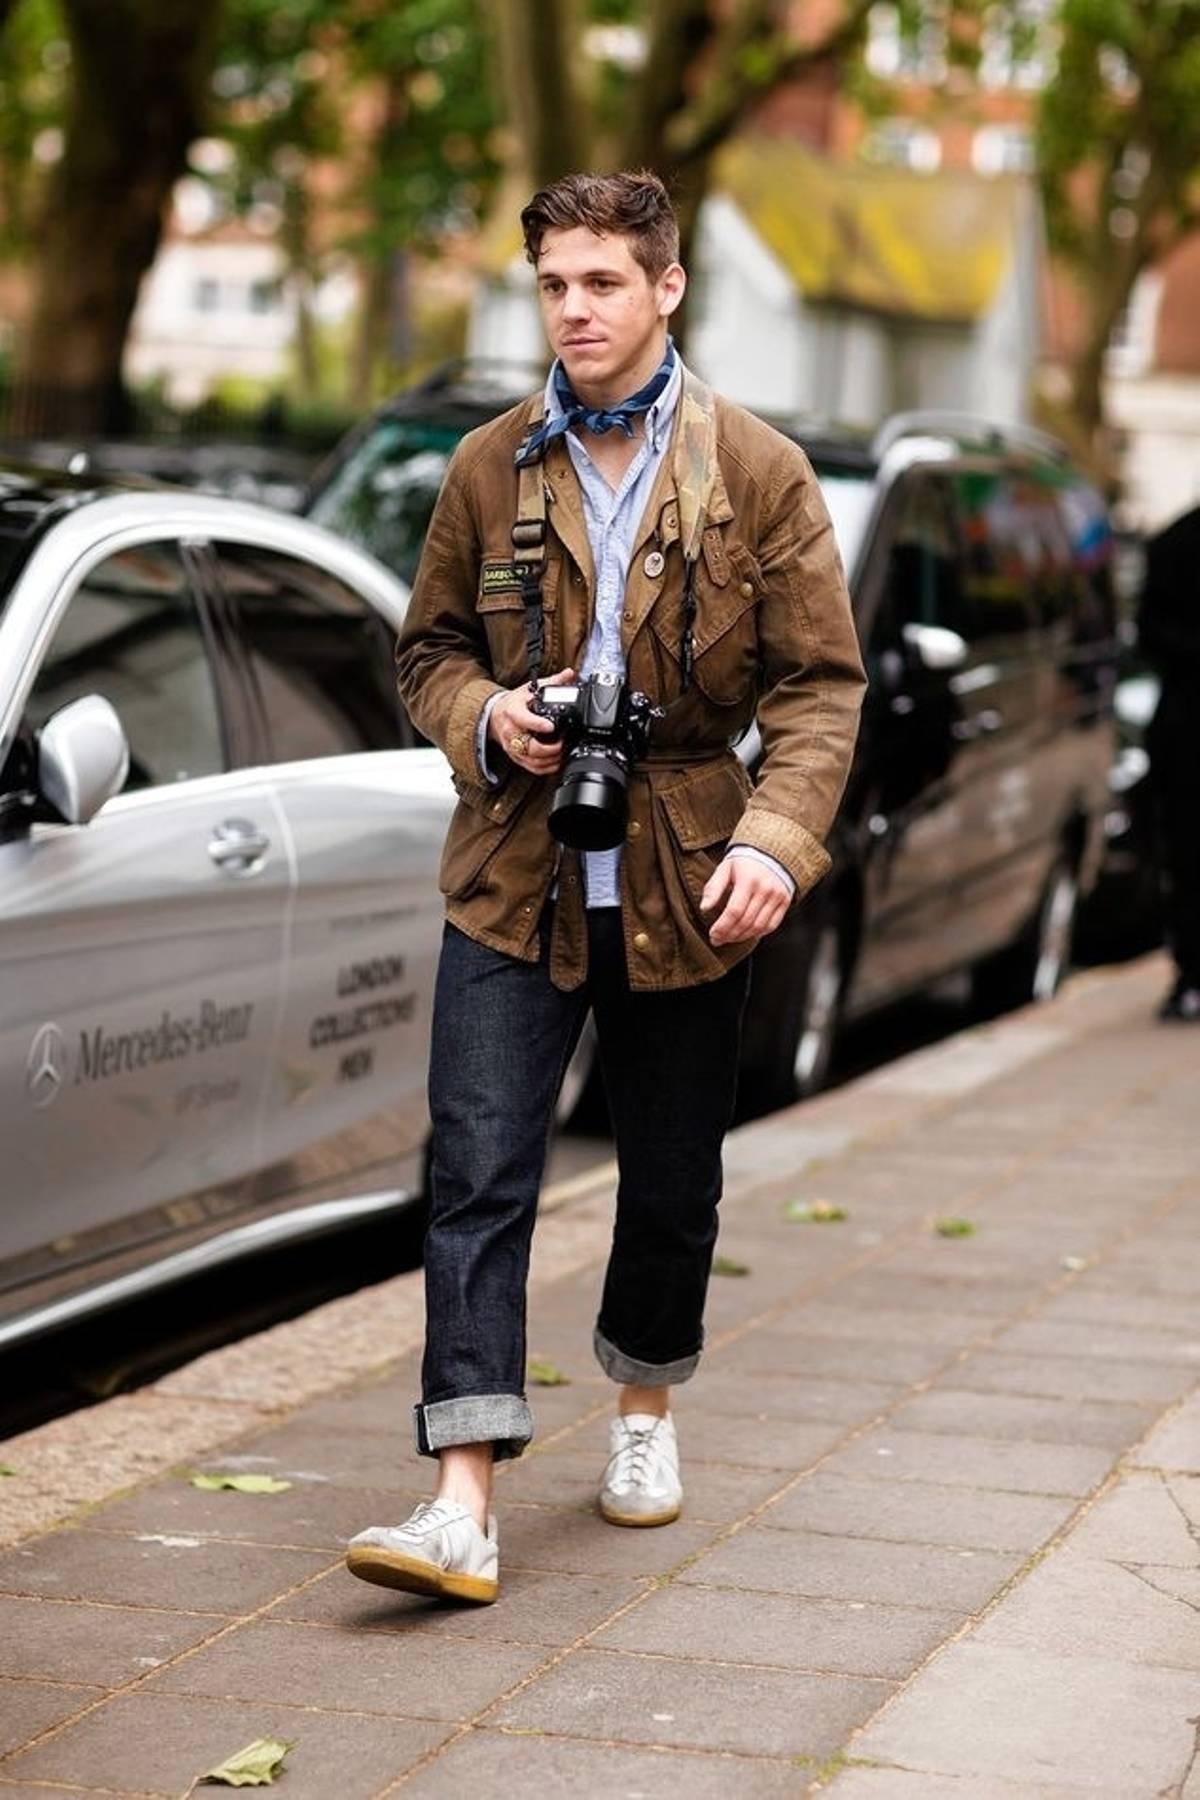 Avec un aspect un peu plus « futsal » les moins démocratisées German Army Trainers (produites à l'origine par Adidas) s'envisagent également. Ici une tenue très orientée workwear avec une touche sartoriale assez nette apportée par la chemise, le foulard, et la taille ceinturée de la veste.  Source : Robert Spangle